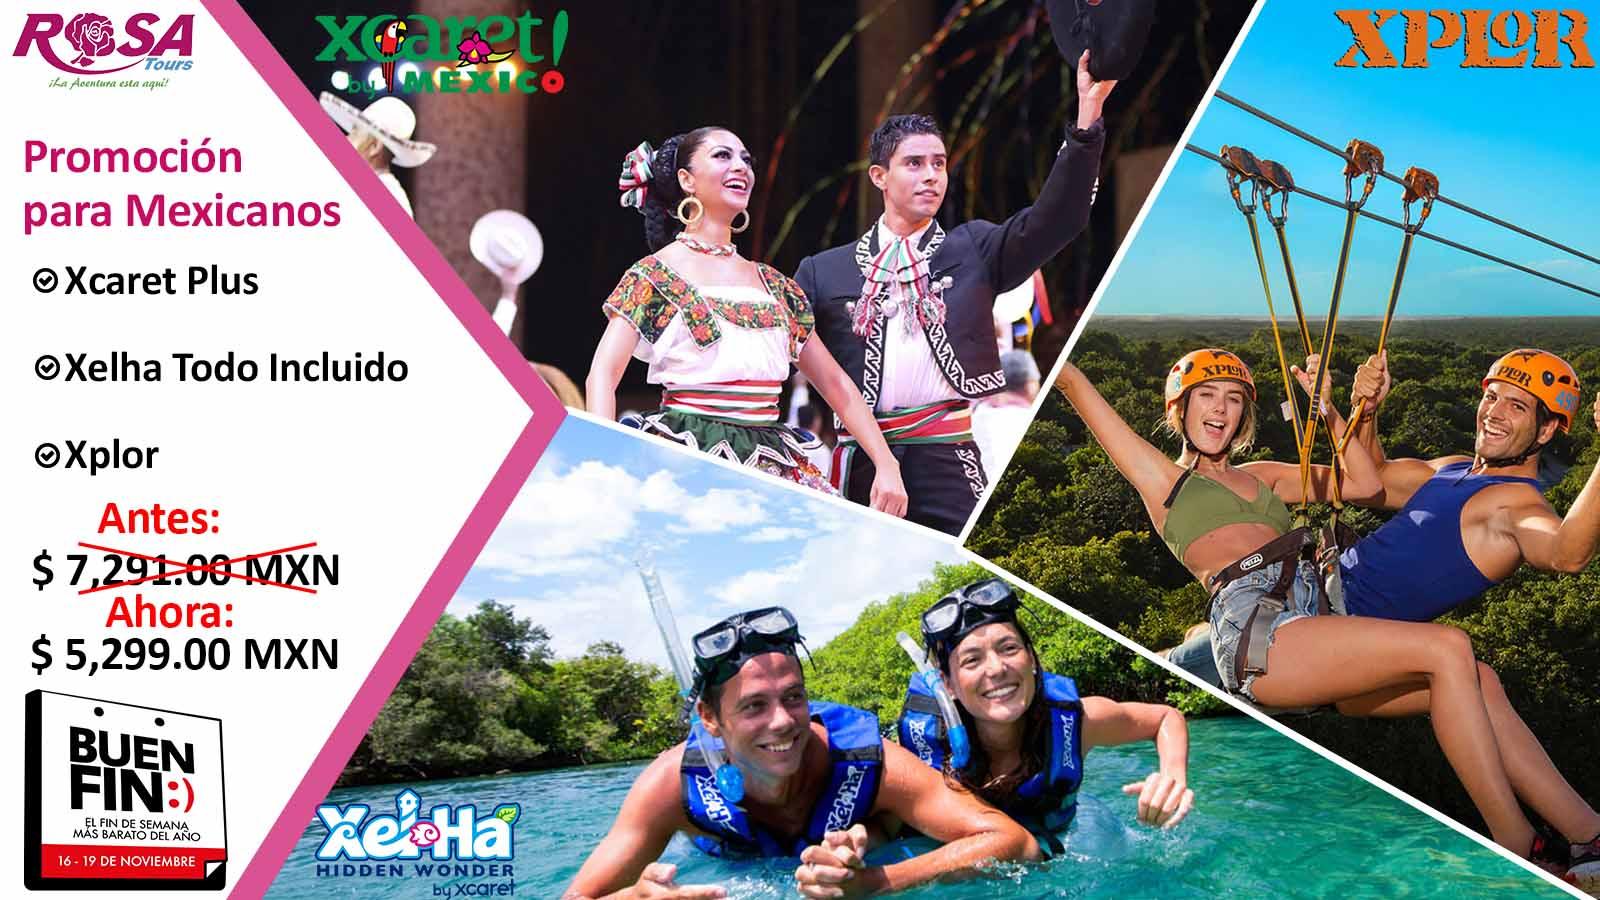 Promoción para Mexicanos Xcaret Plus + Xel Há + Xplor&IN